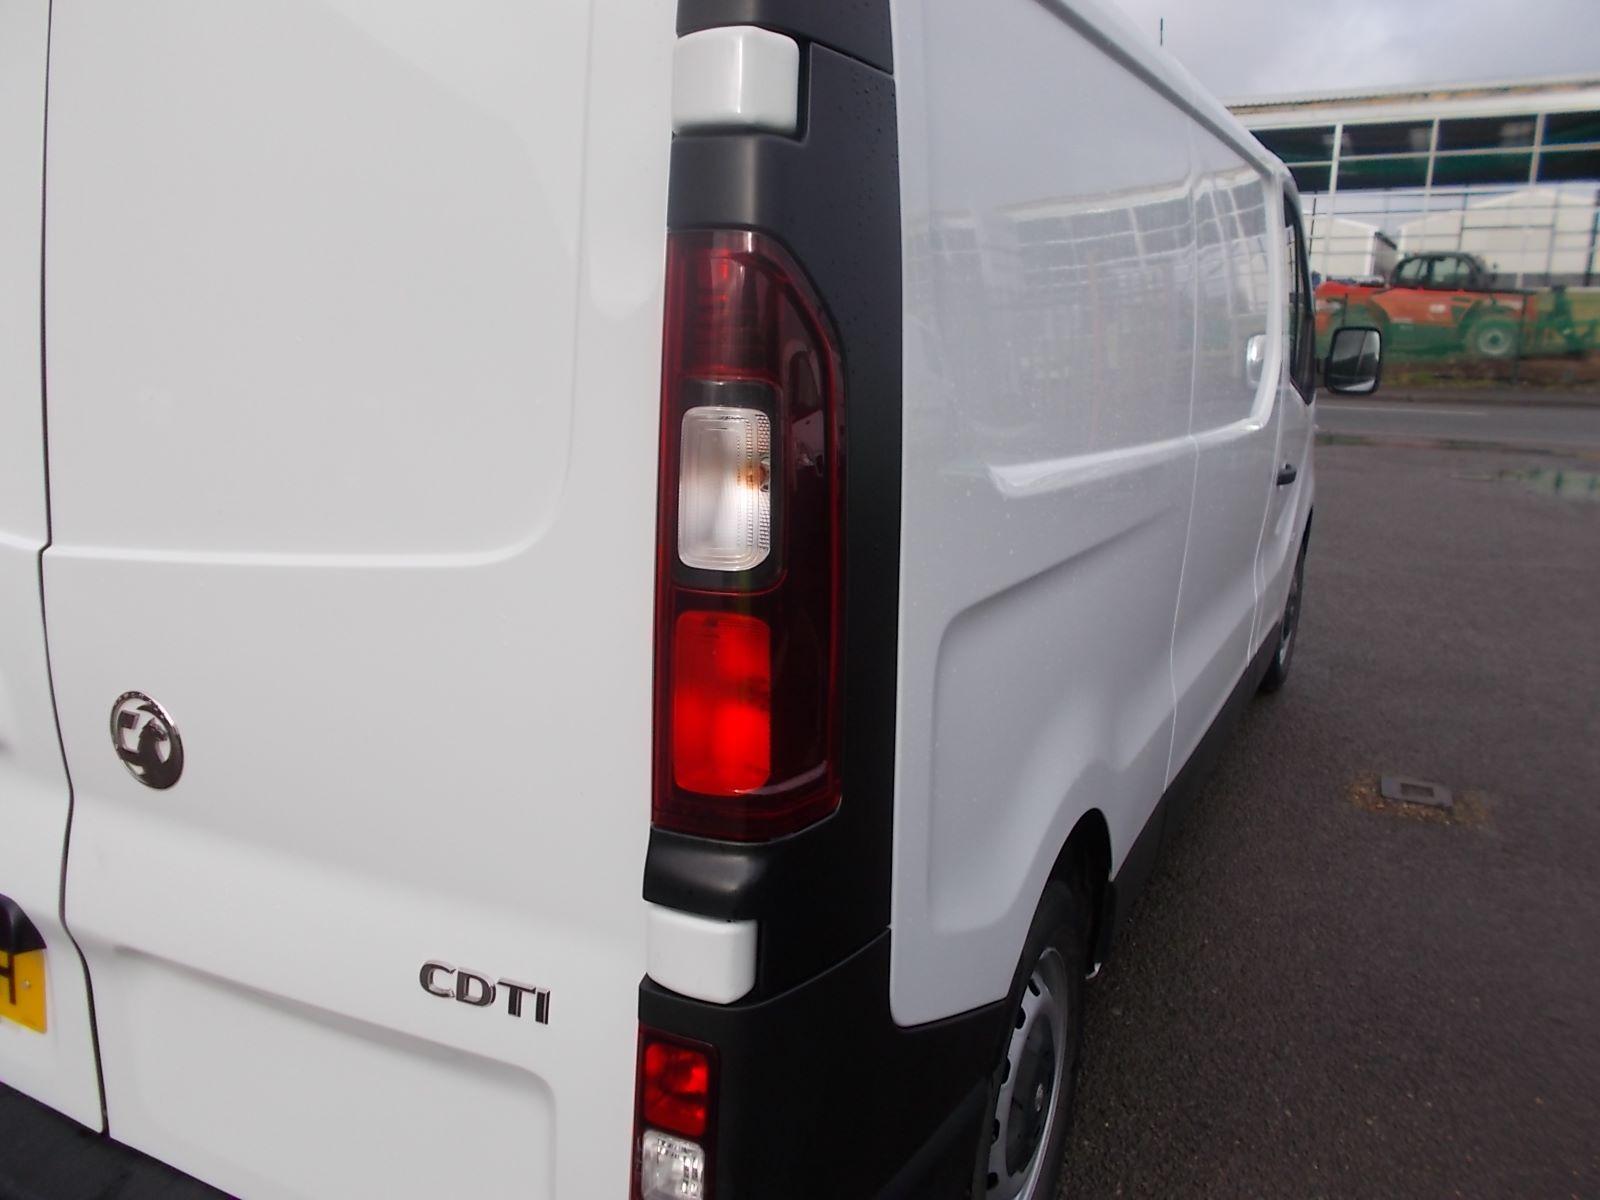 2017 Vauxhall Vivaro L2 H1 2900 1.6CDTI 120PS EURO 6 (DV17FNH) Image 23